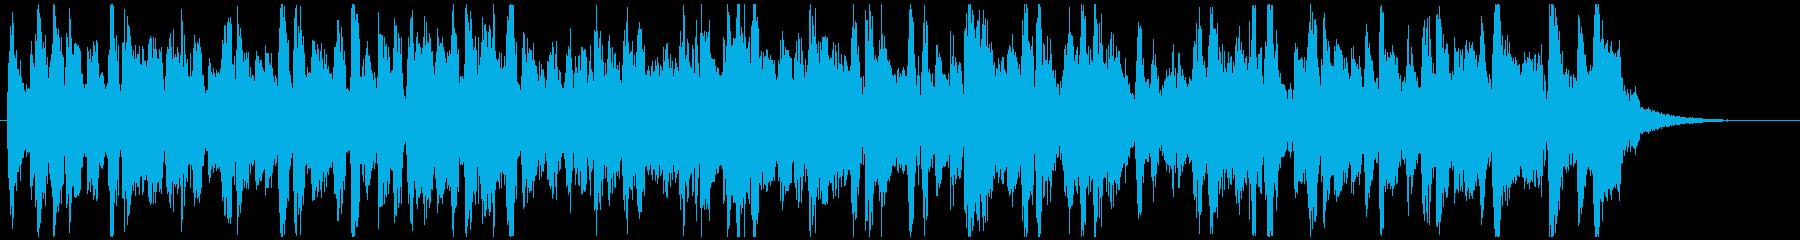 15秒ジャズサンバテナーサックス◆CMにの再生済みの波形